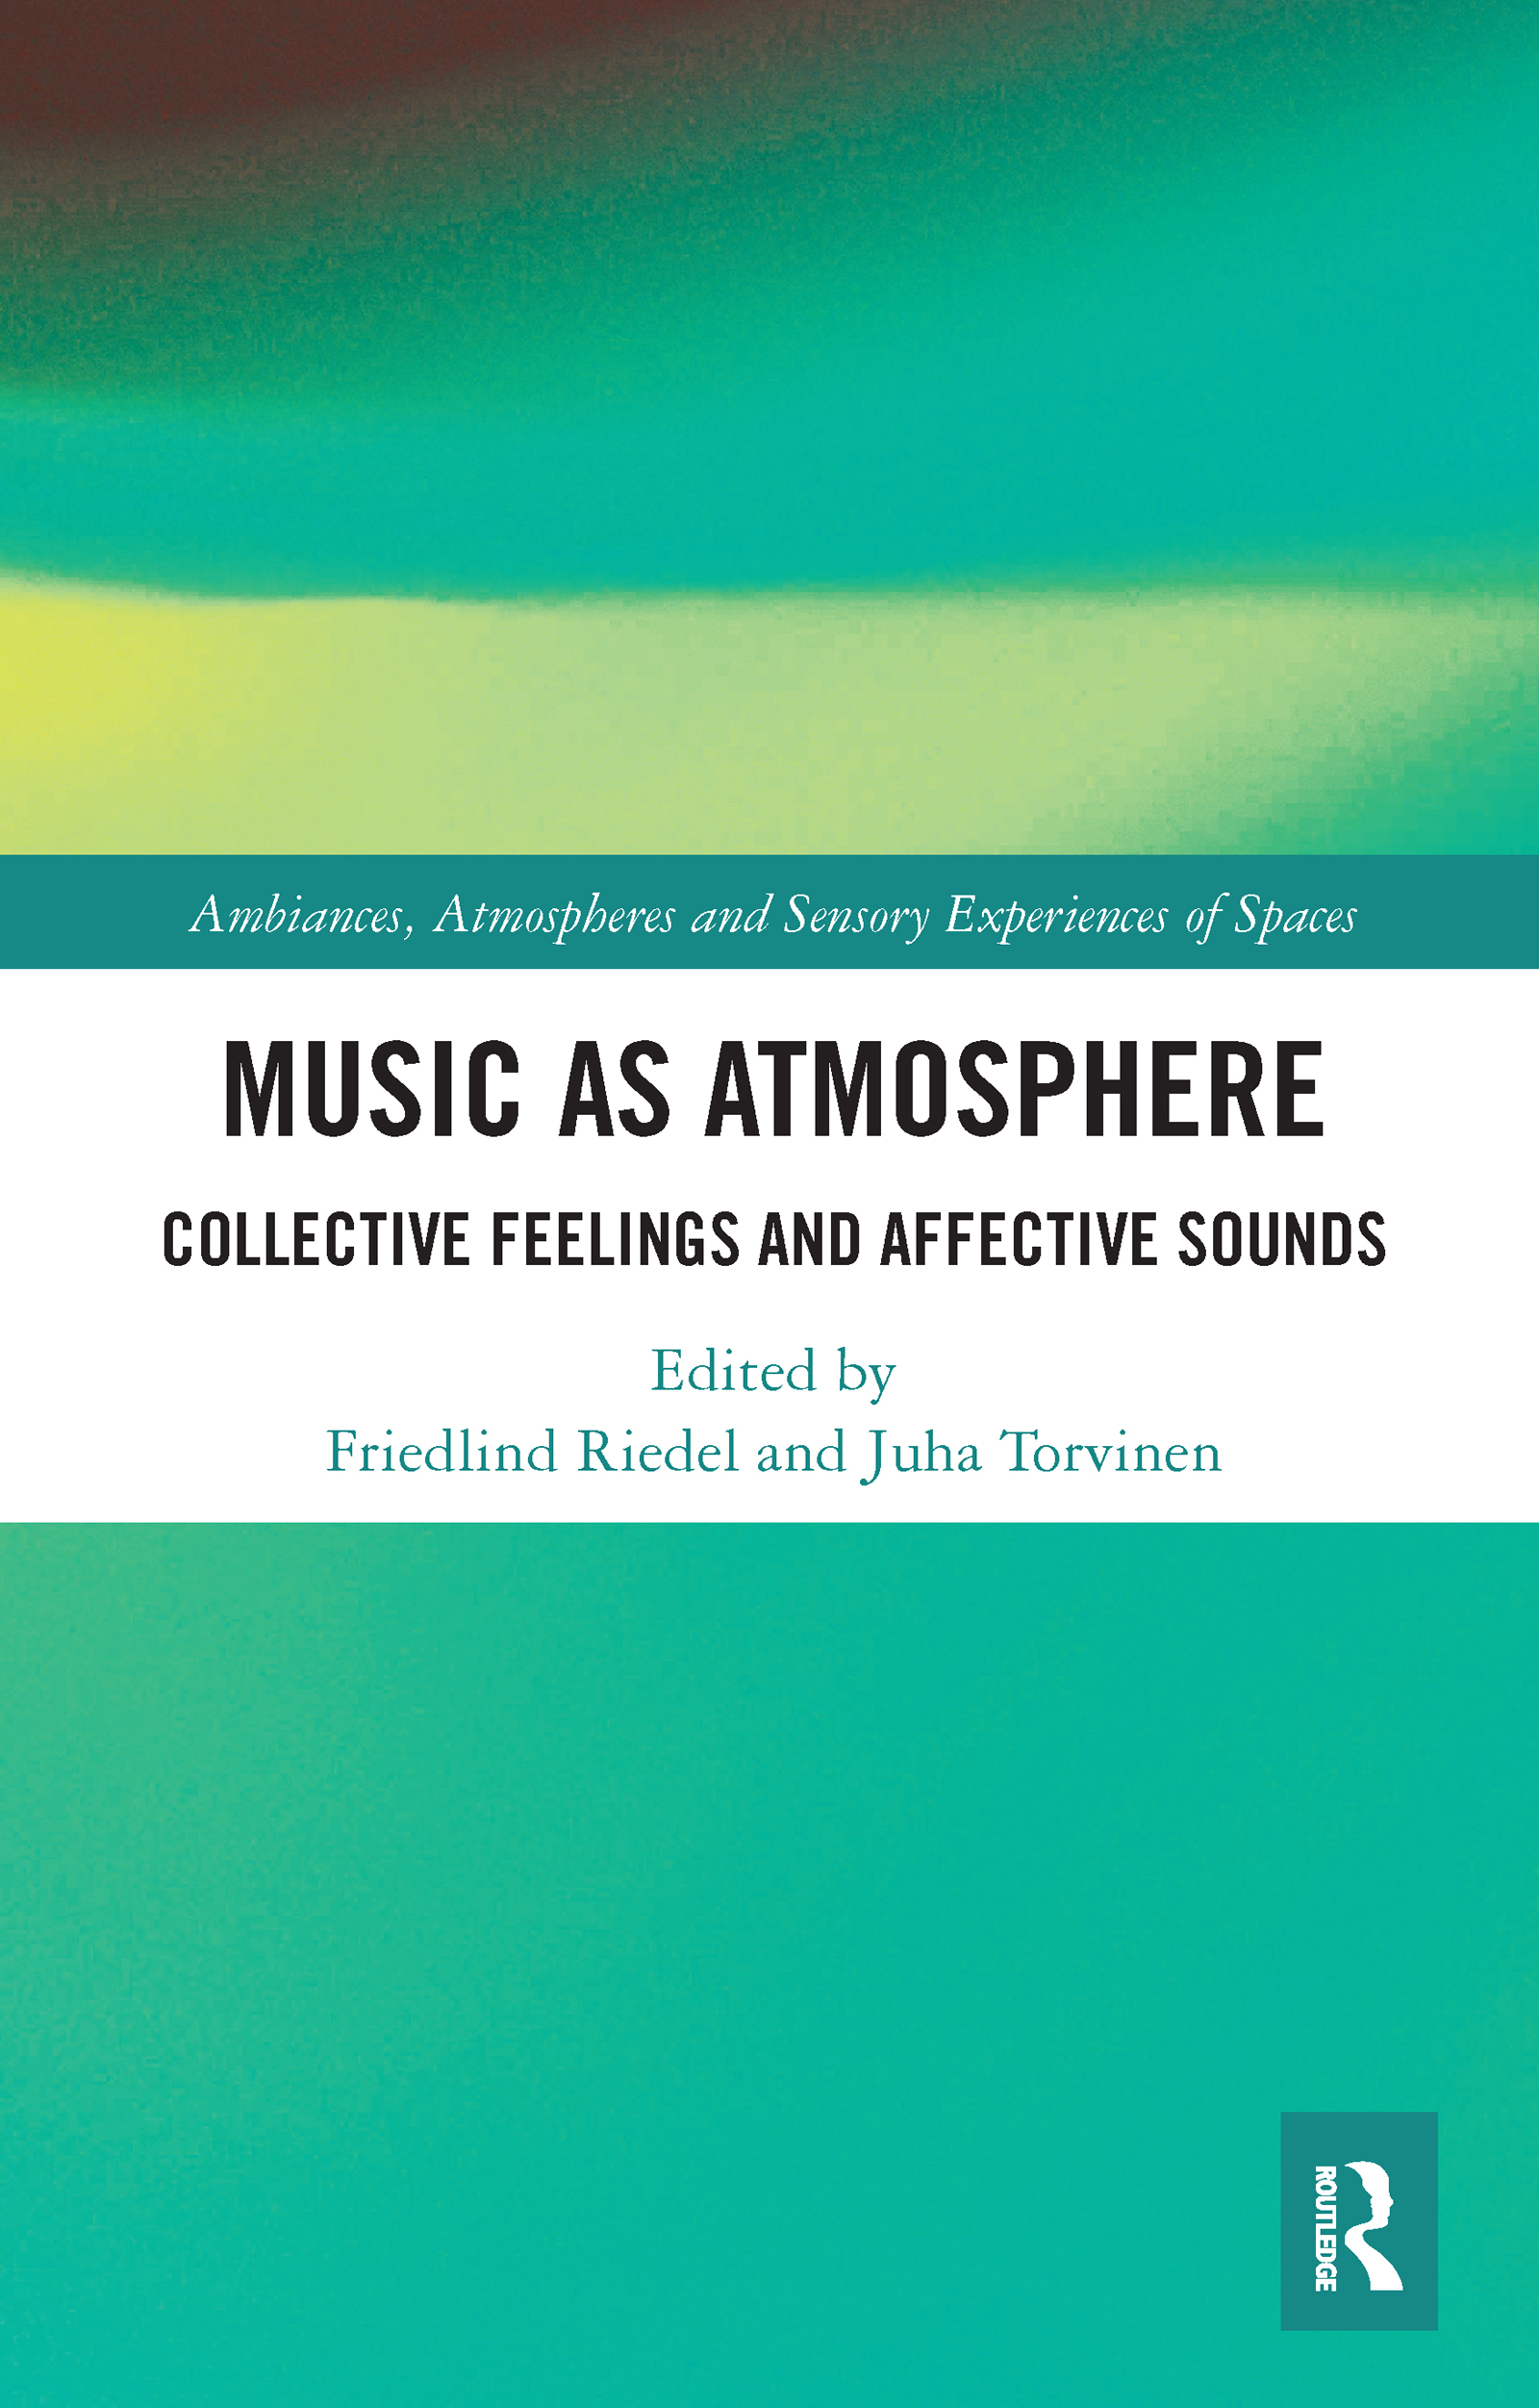 Music as Atmosphere